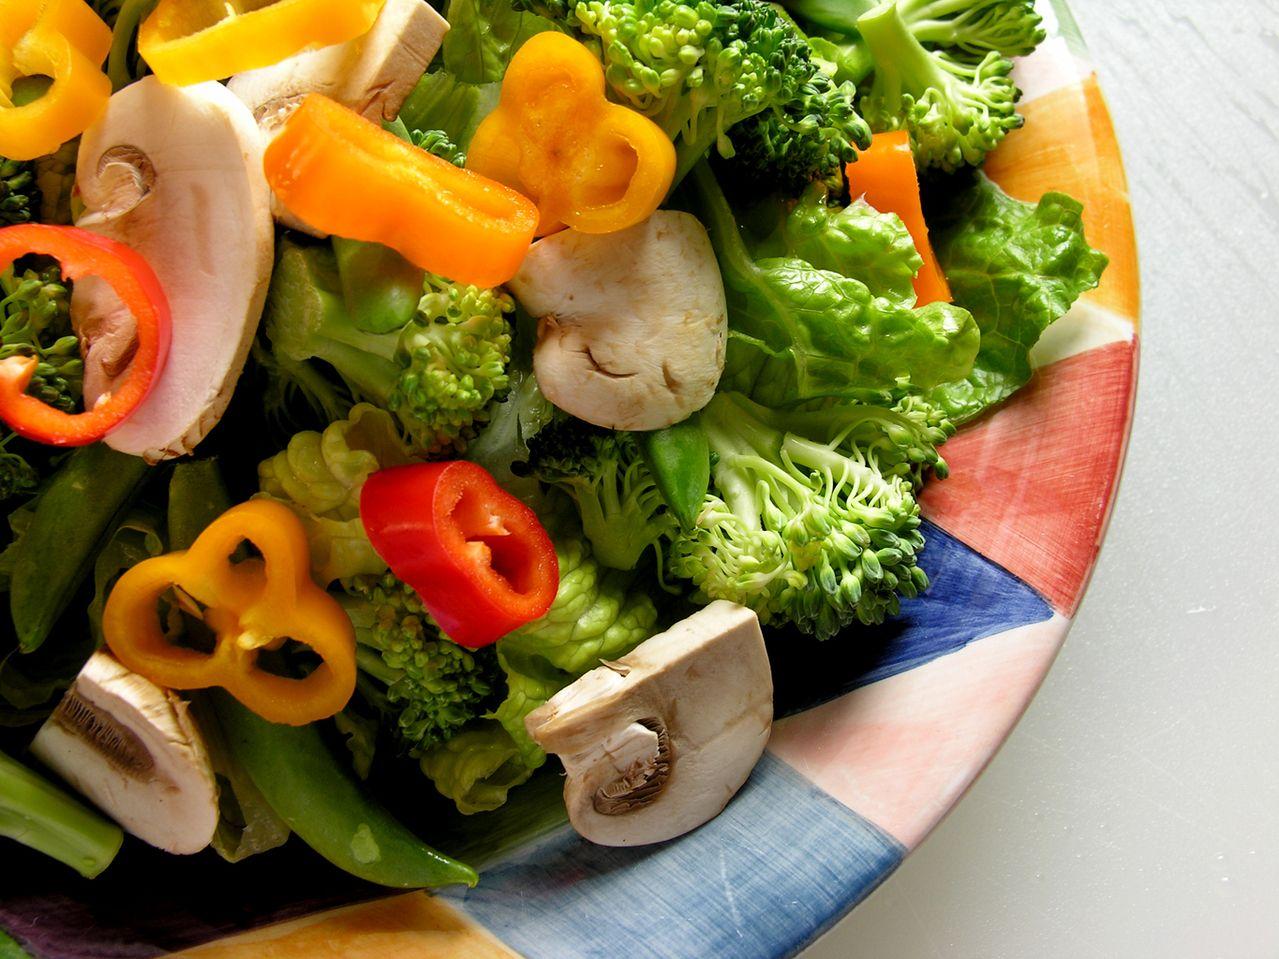 Na capital o preço médio da refeição fora de casa é de R$ 32,06 / Free Images